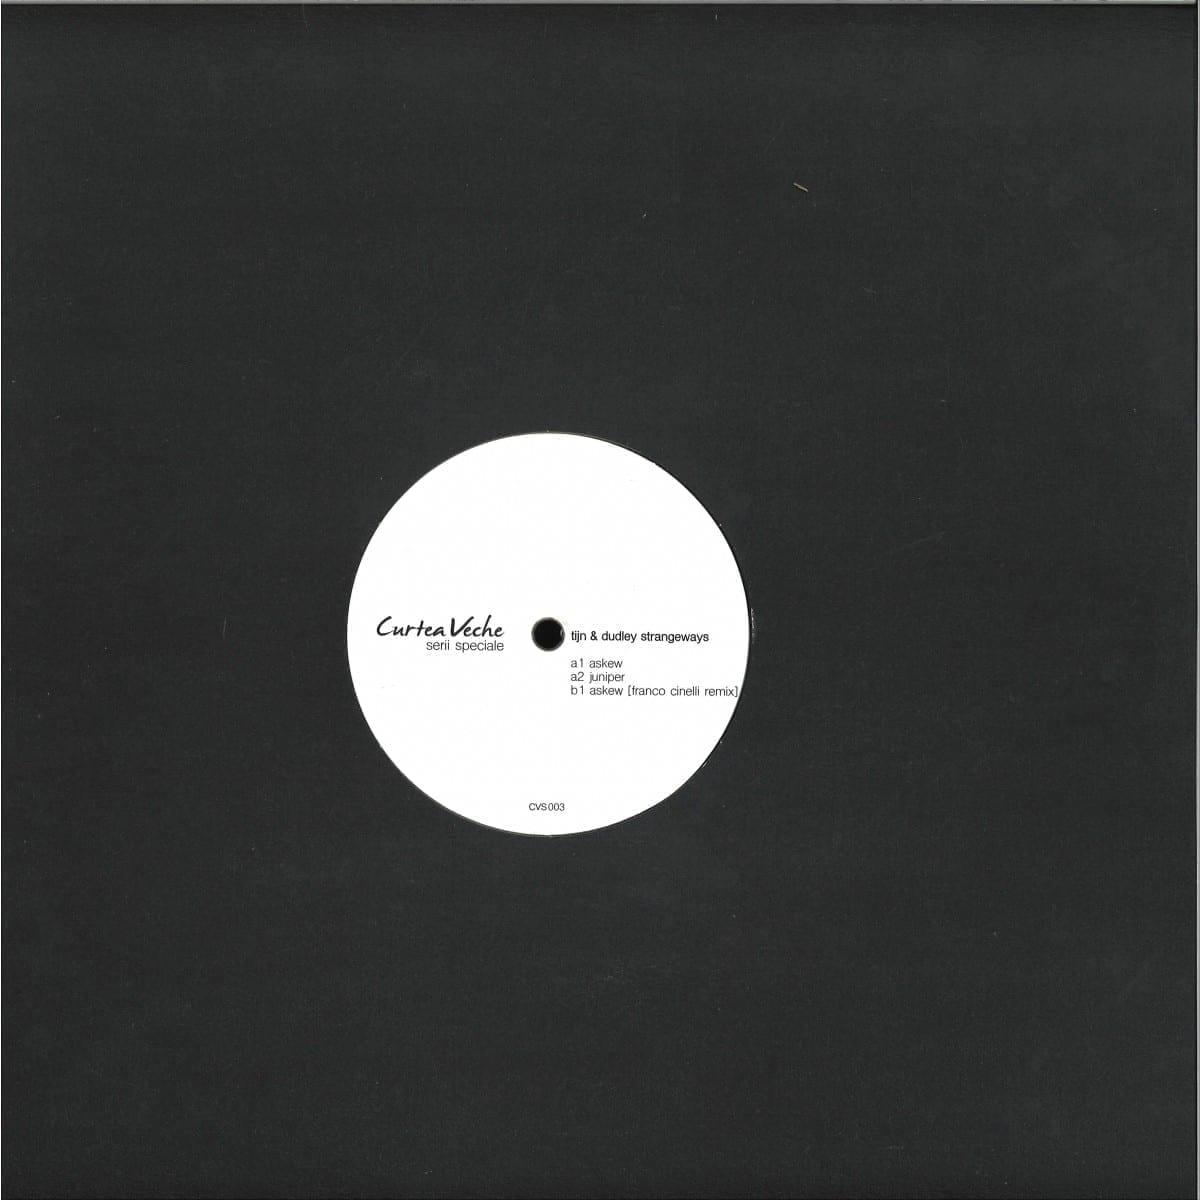 TIJN, Dudley Strangeways - CVS003 [Curtea Veche] 02